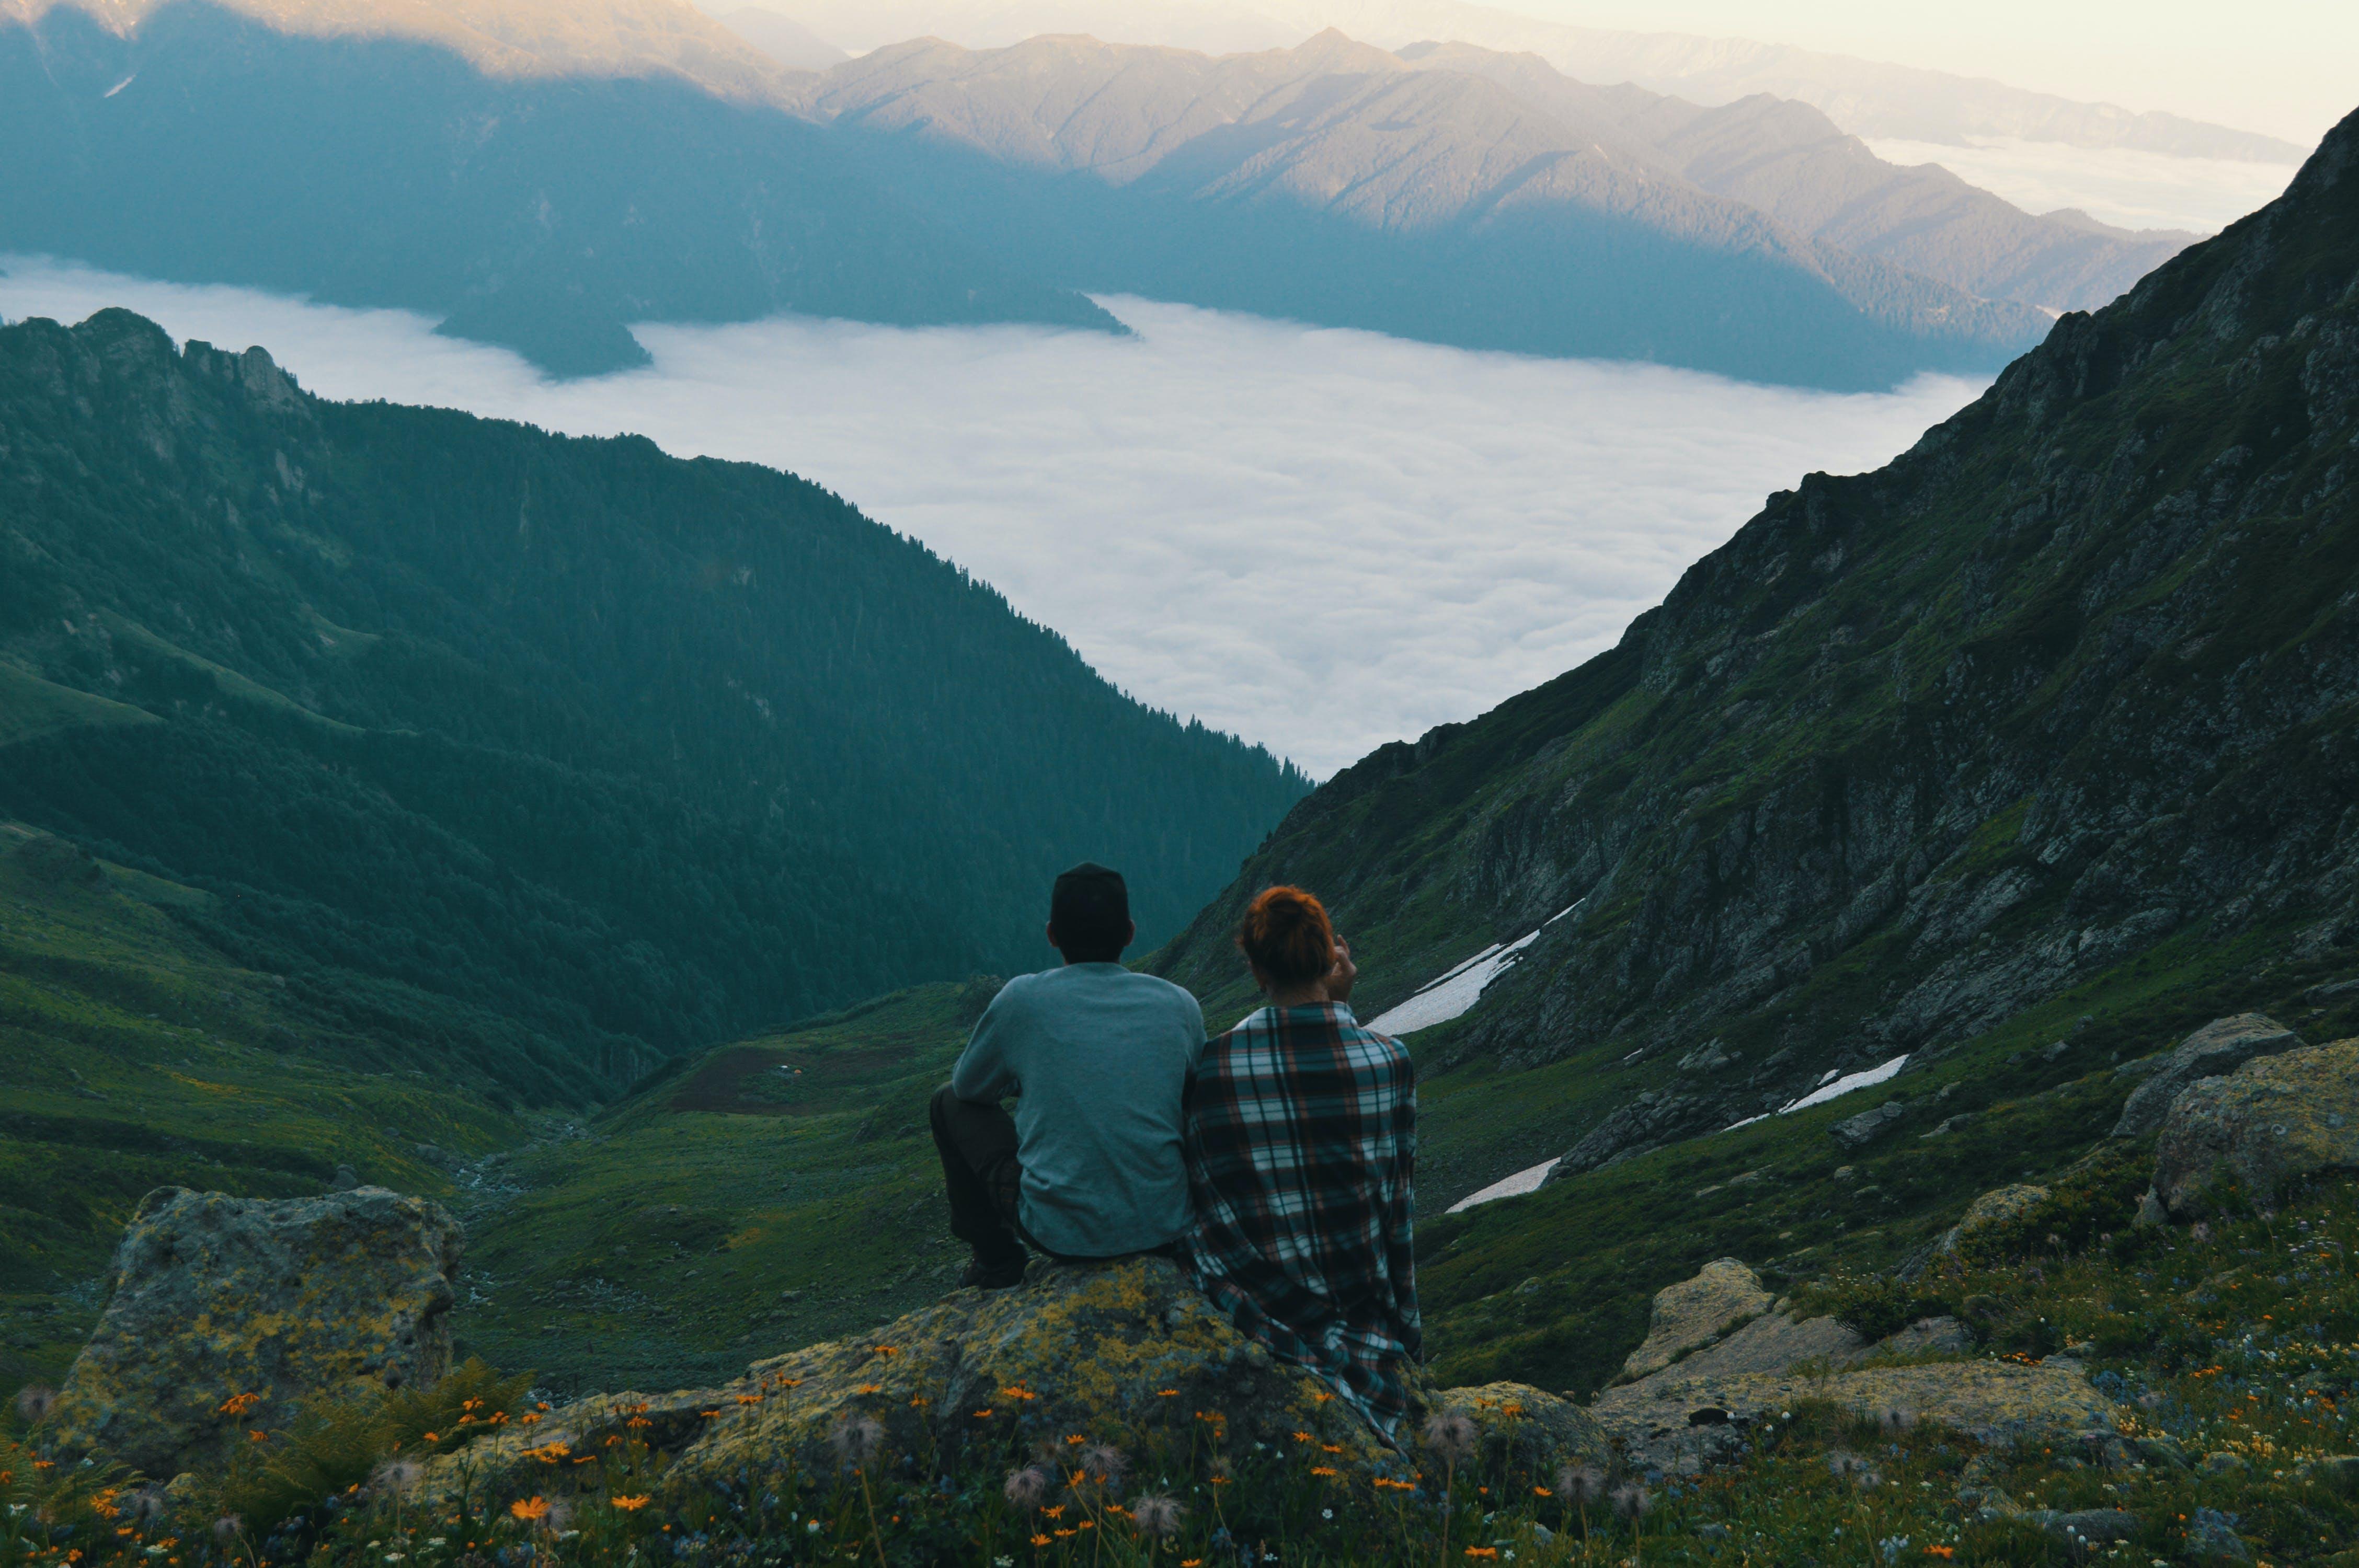 ağaçlar, bulut görünümü, bulutlar, çevre içeren Ücretsiz stok fotoğraf